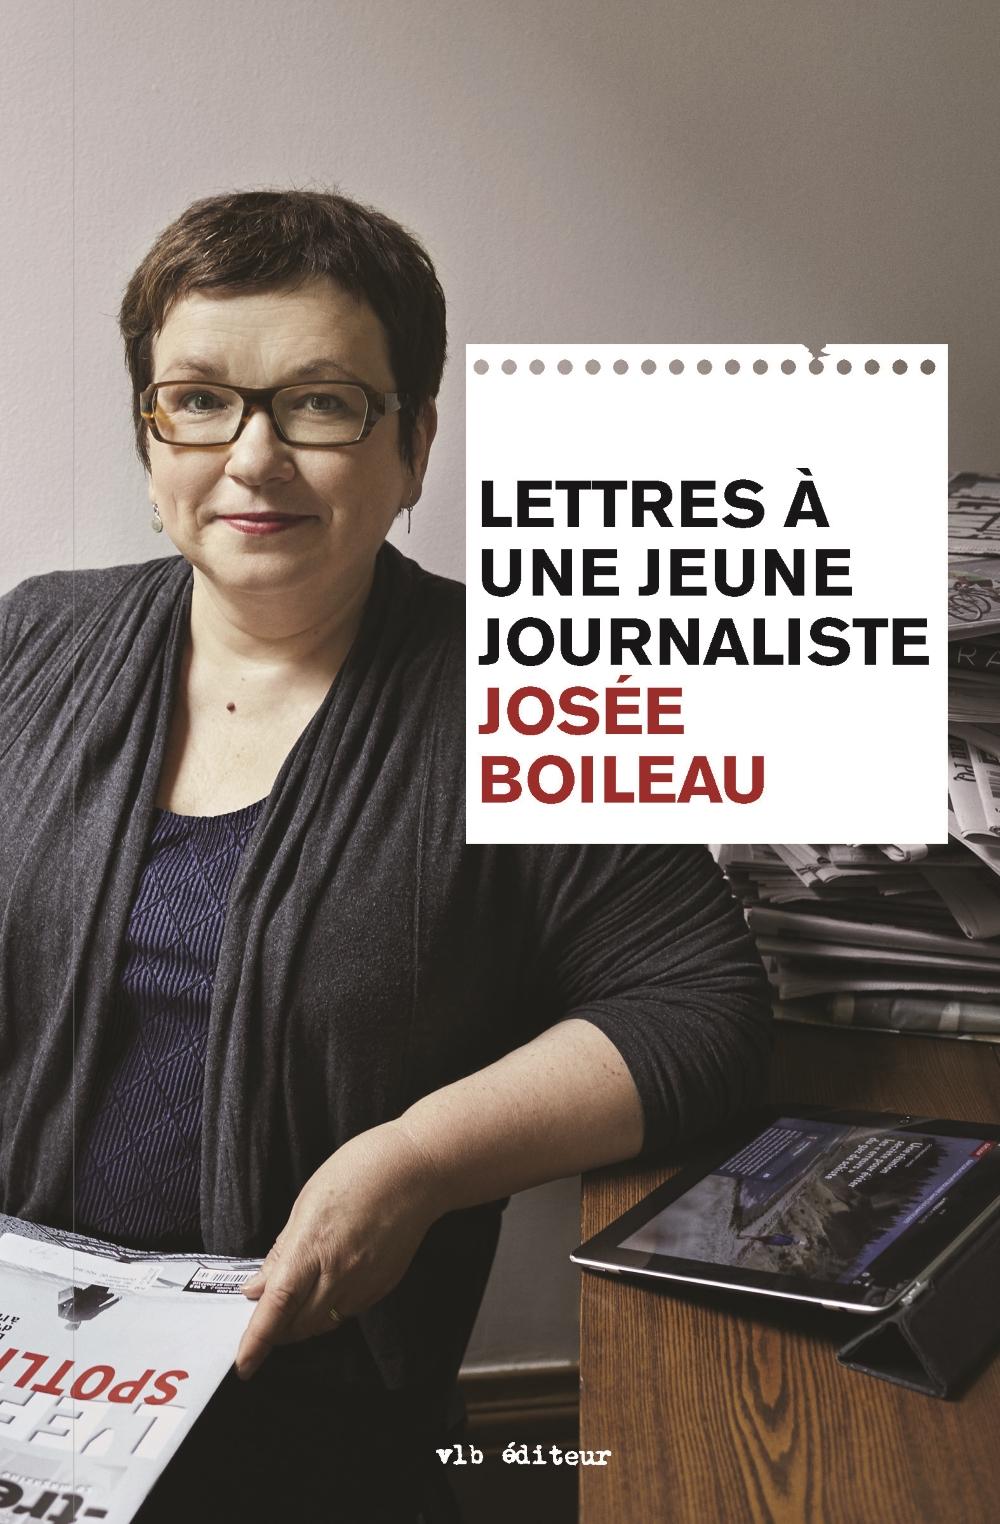 Lettres à une jeune journaliste, Josée Boileau